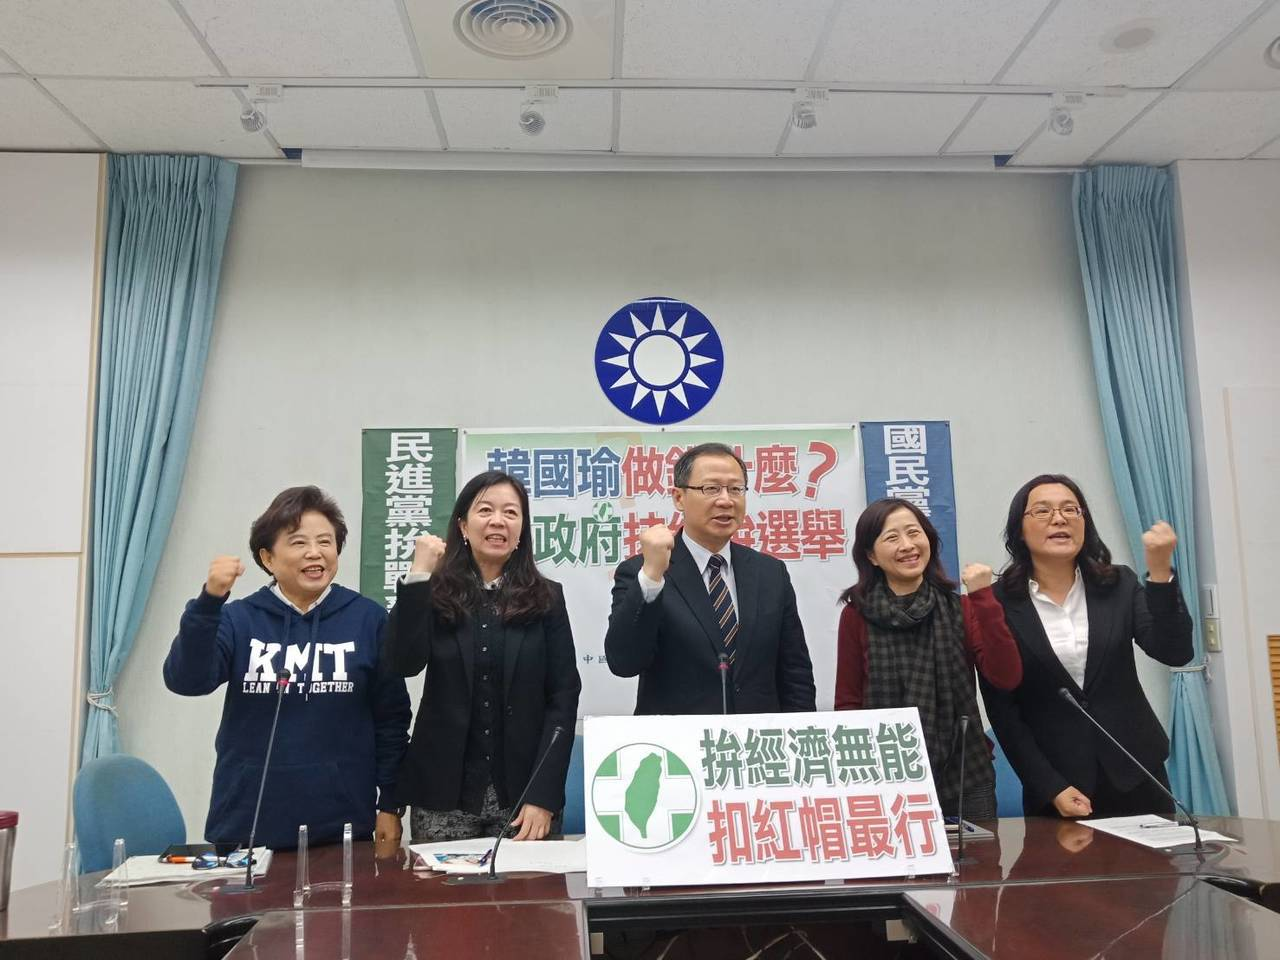 國民黨團上午舉行「韓國瑜做錯什麼?蔡政府抹紅拚選舉」記者會。圖/國民黨團提供